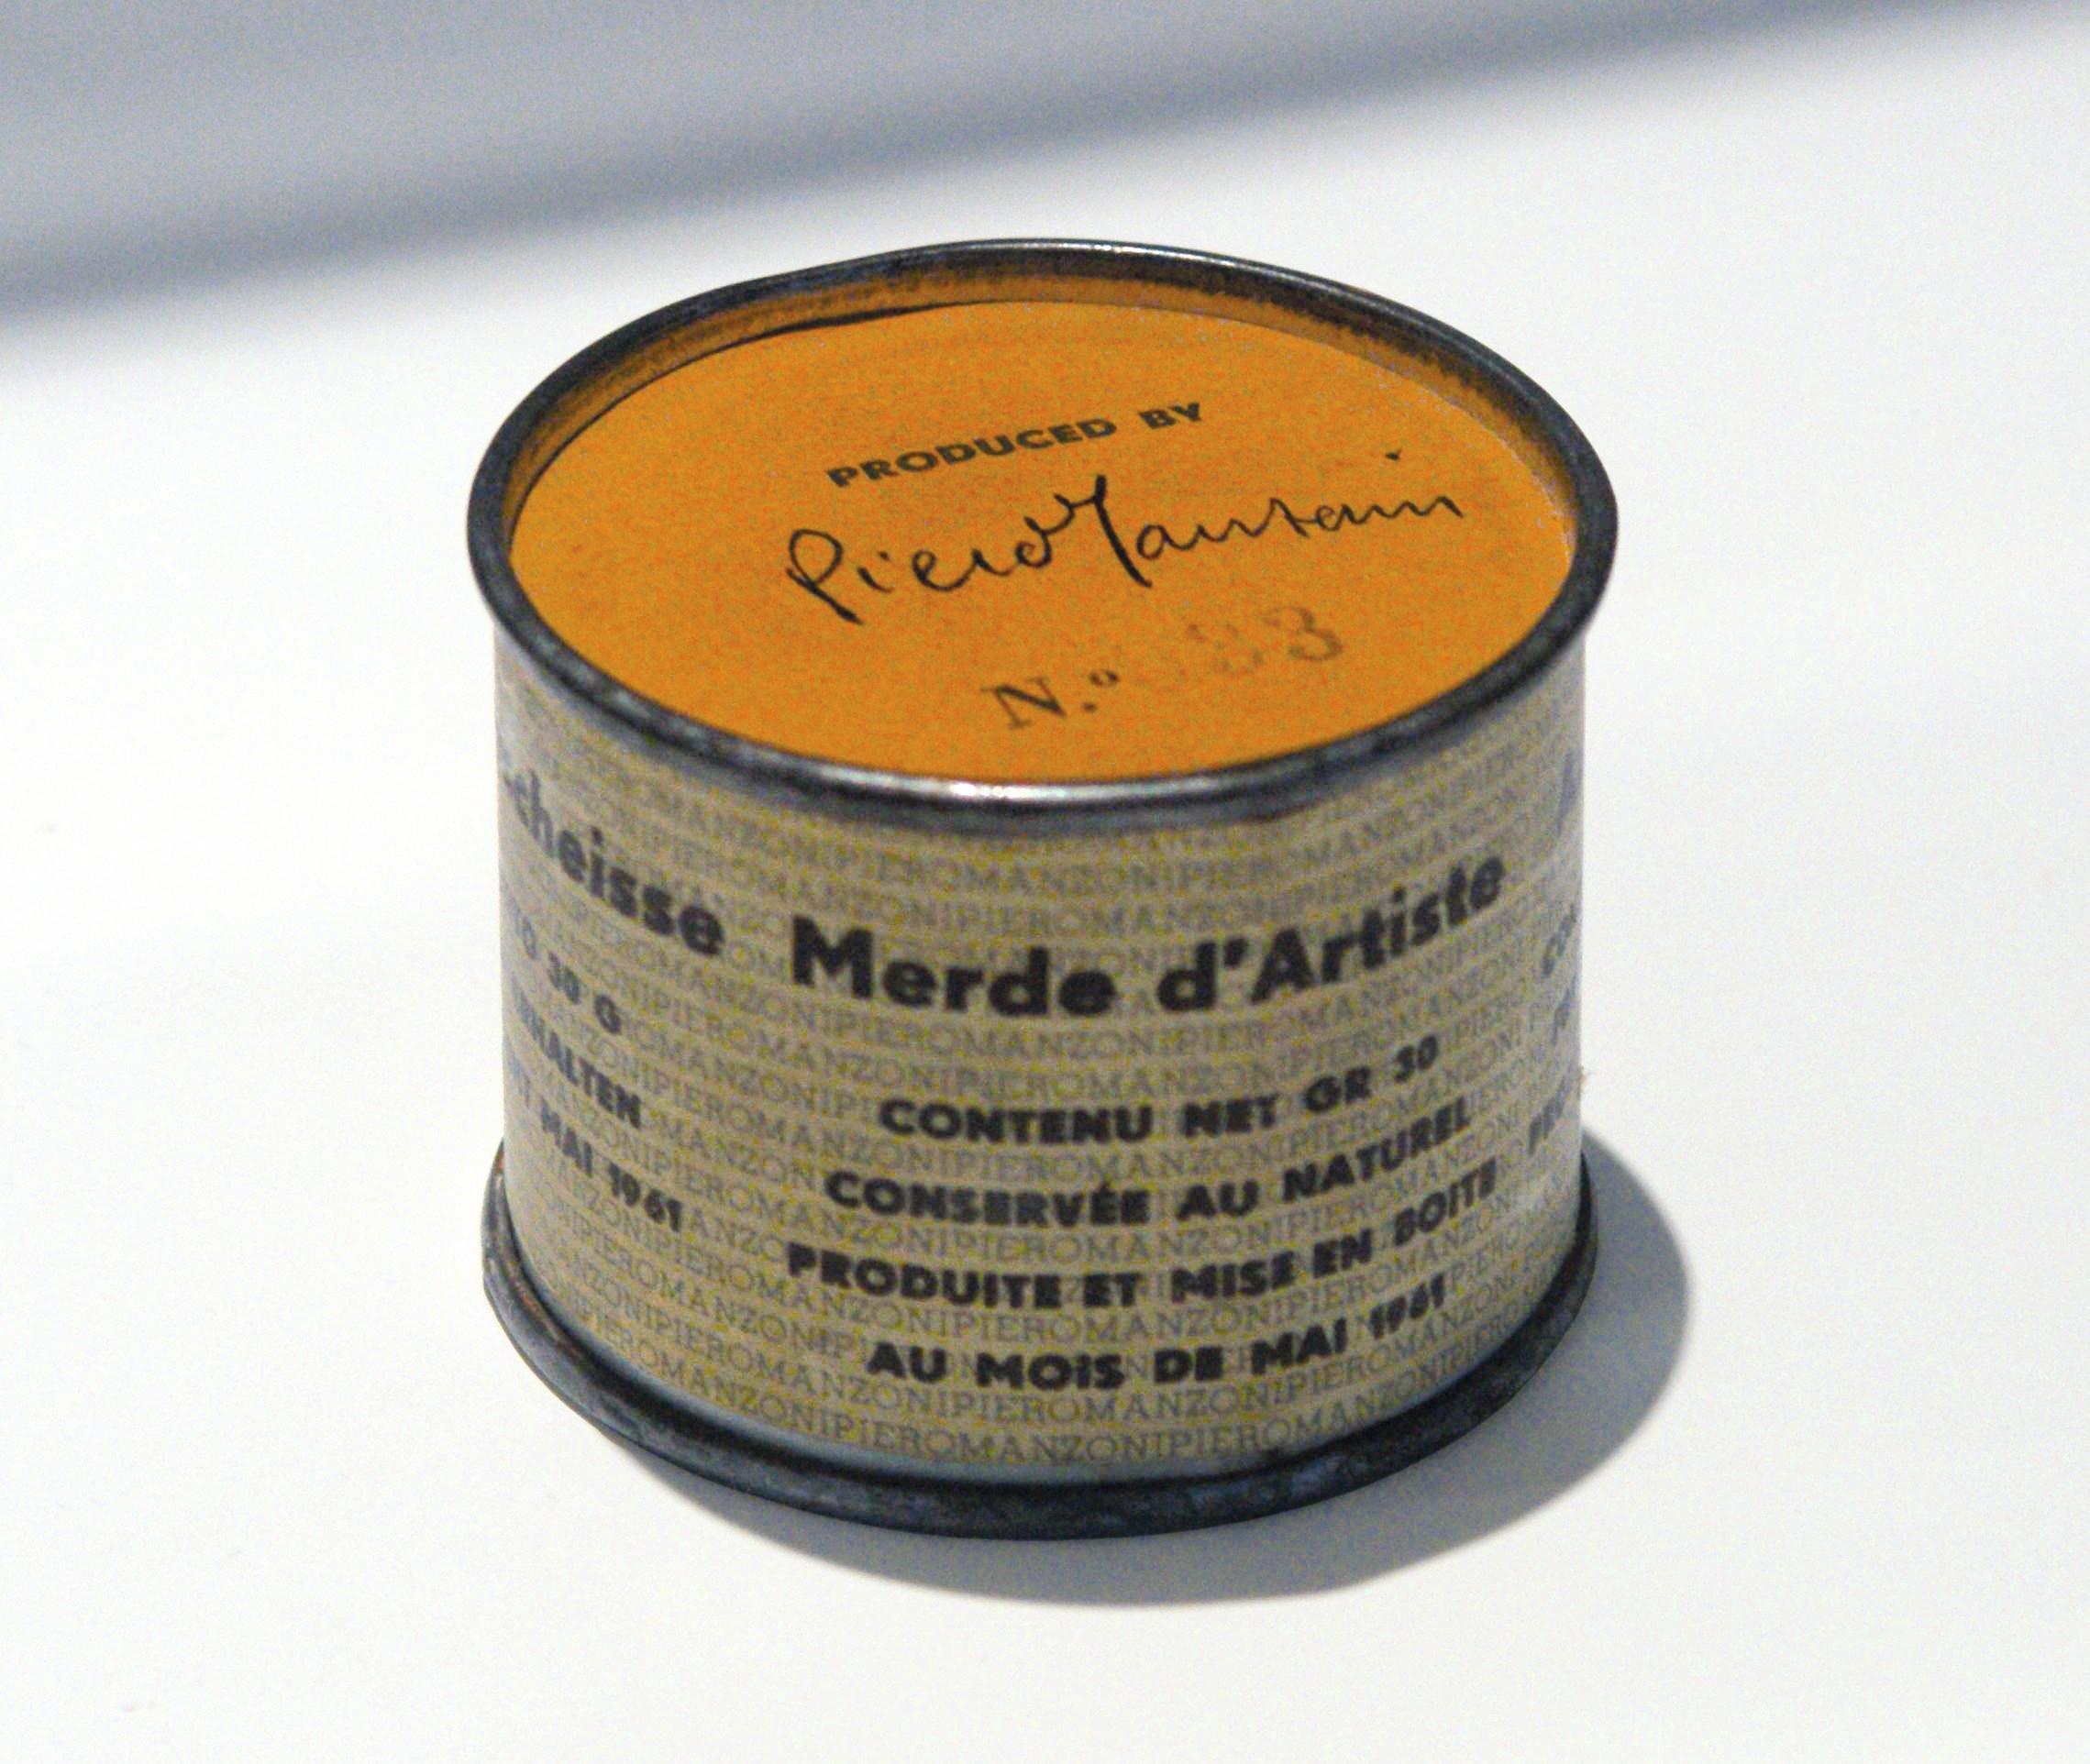 Piero Manzoni, Merde d'artiste, 1961, fer blanc et papier, 5 × 6,5 cm, Centre Pompidou, Paris.